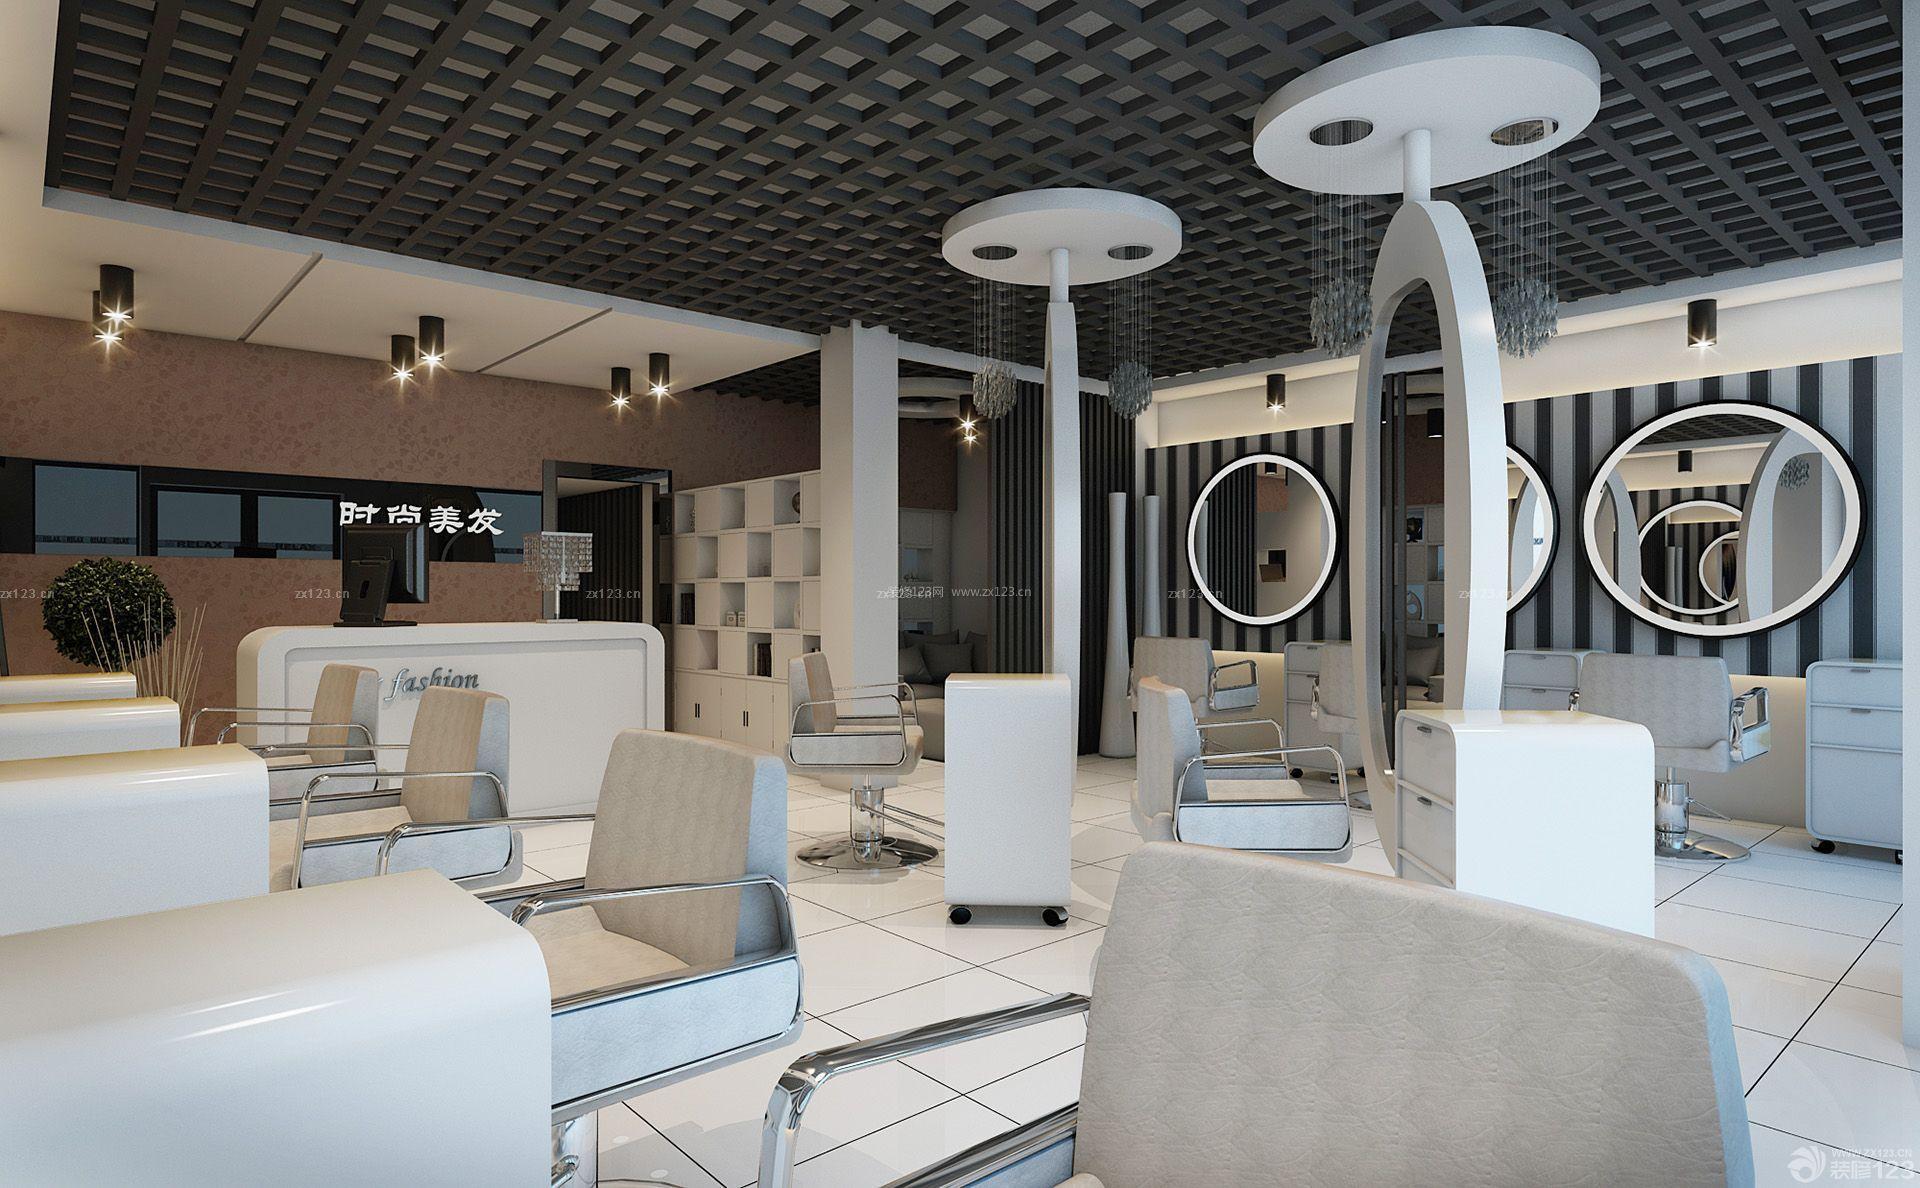 80平方小户型美发店室内创意设计装修效果图